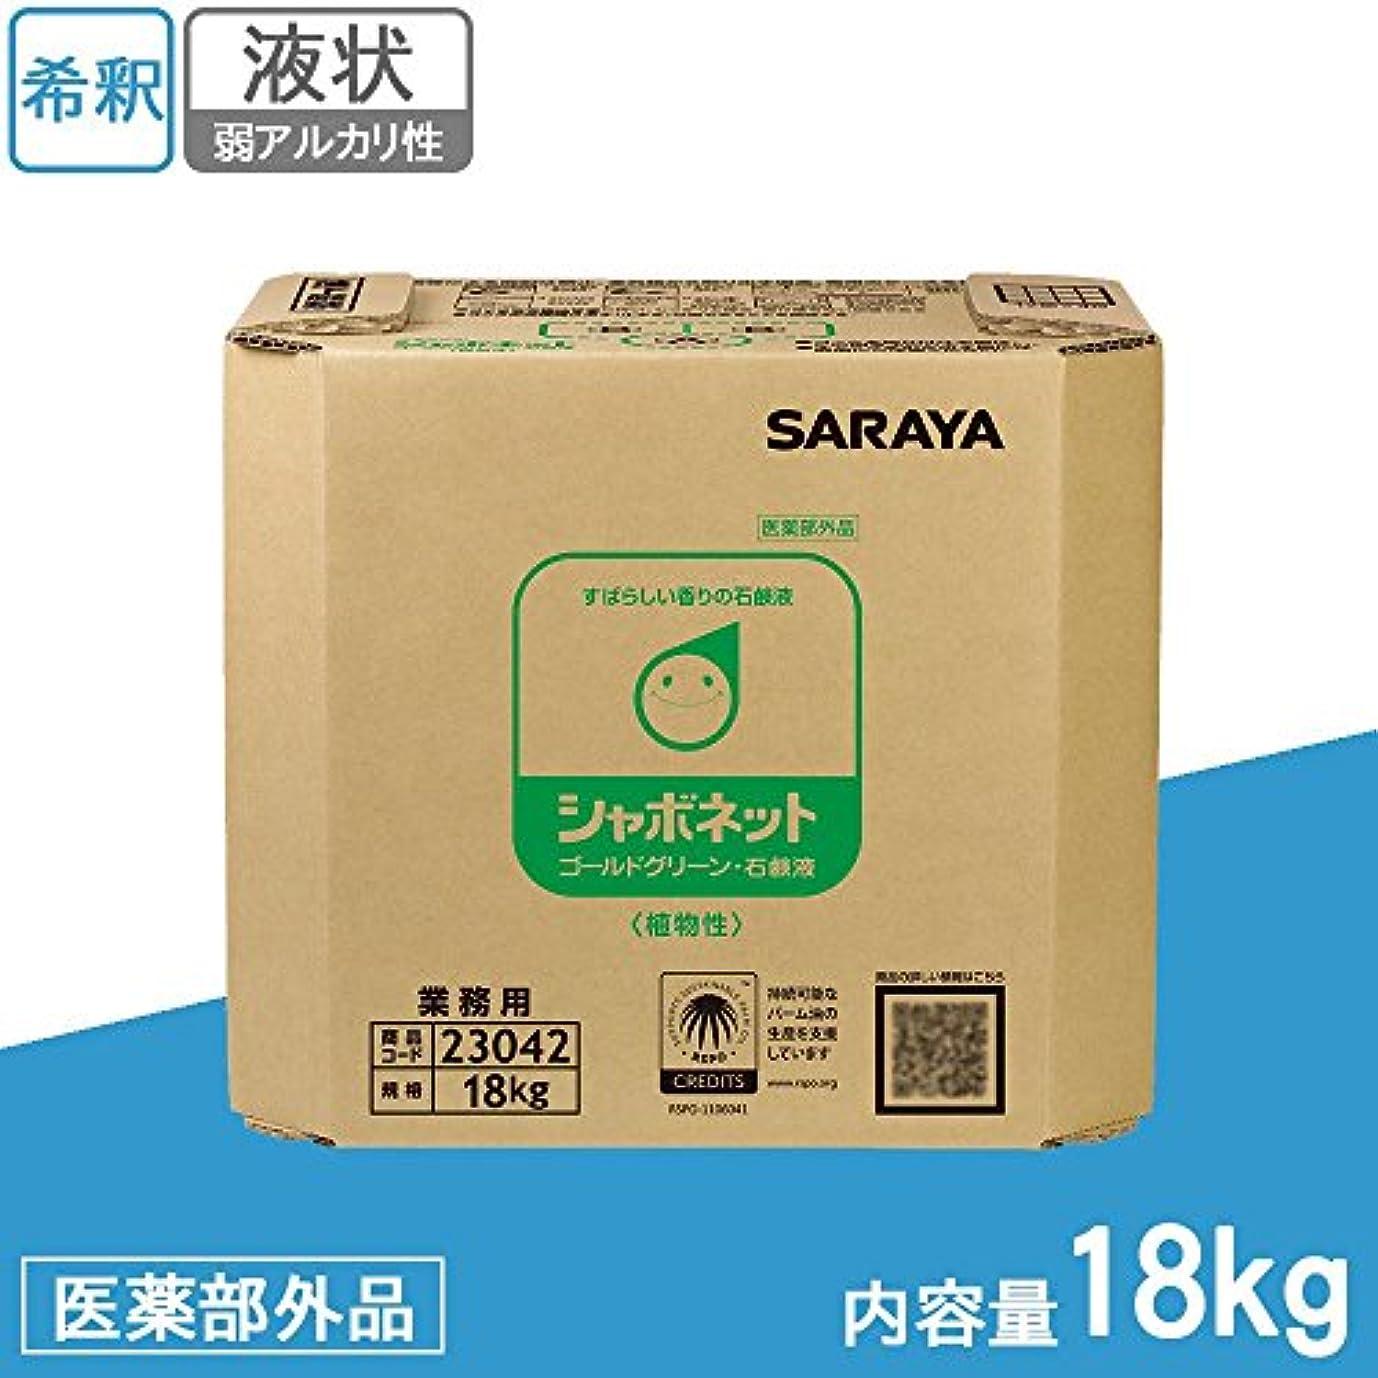 速い証明書ジェスチャーサラヤ 業務用 手洗い用石けん液 シャボネットゴールドグリーン スズランの香り 18kg BIB 23042 (医薬部外品)